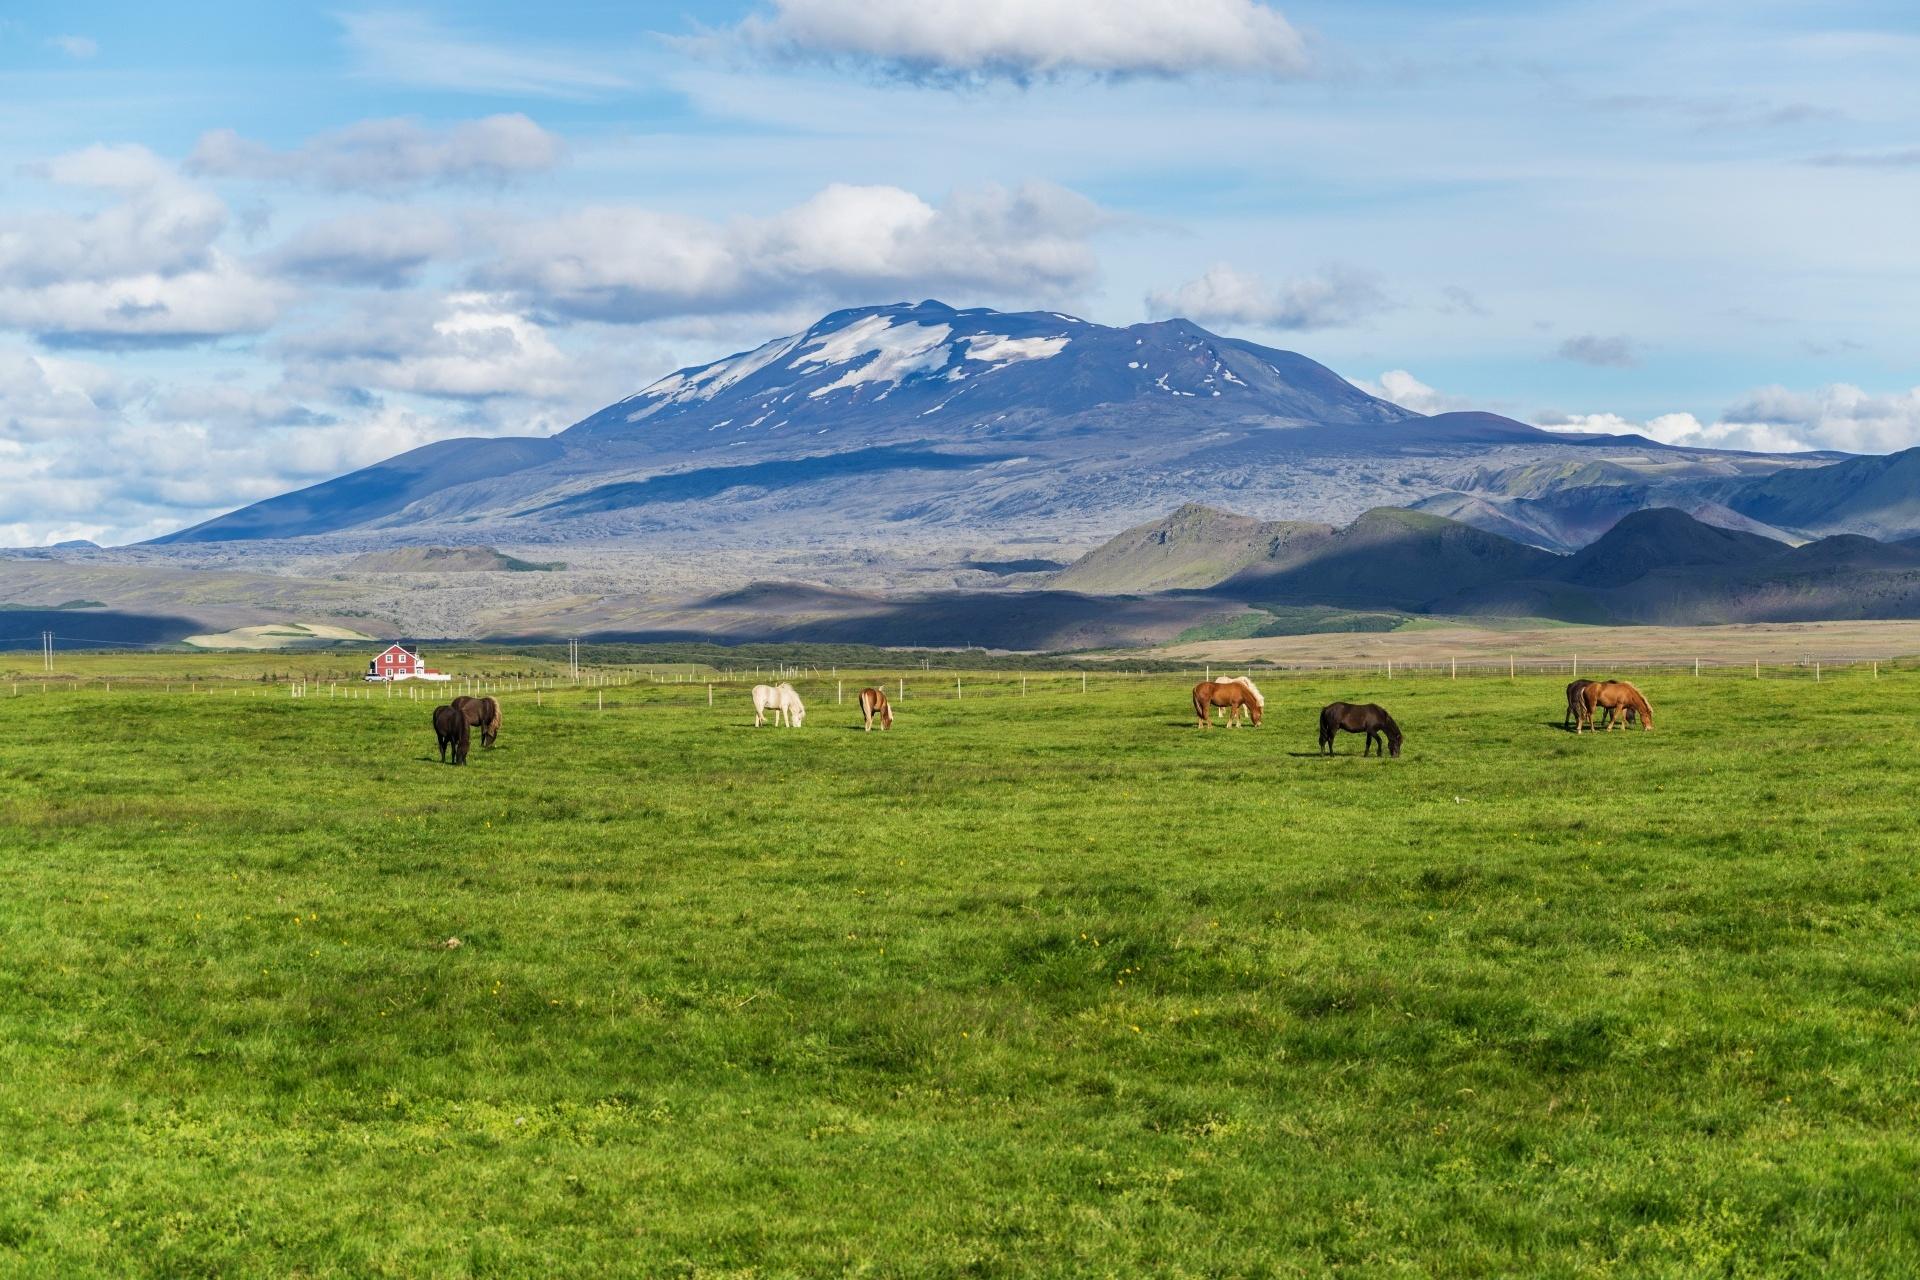 ヘクラ山 アイスランドの風景